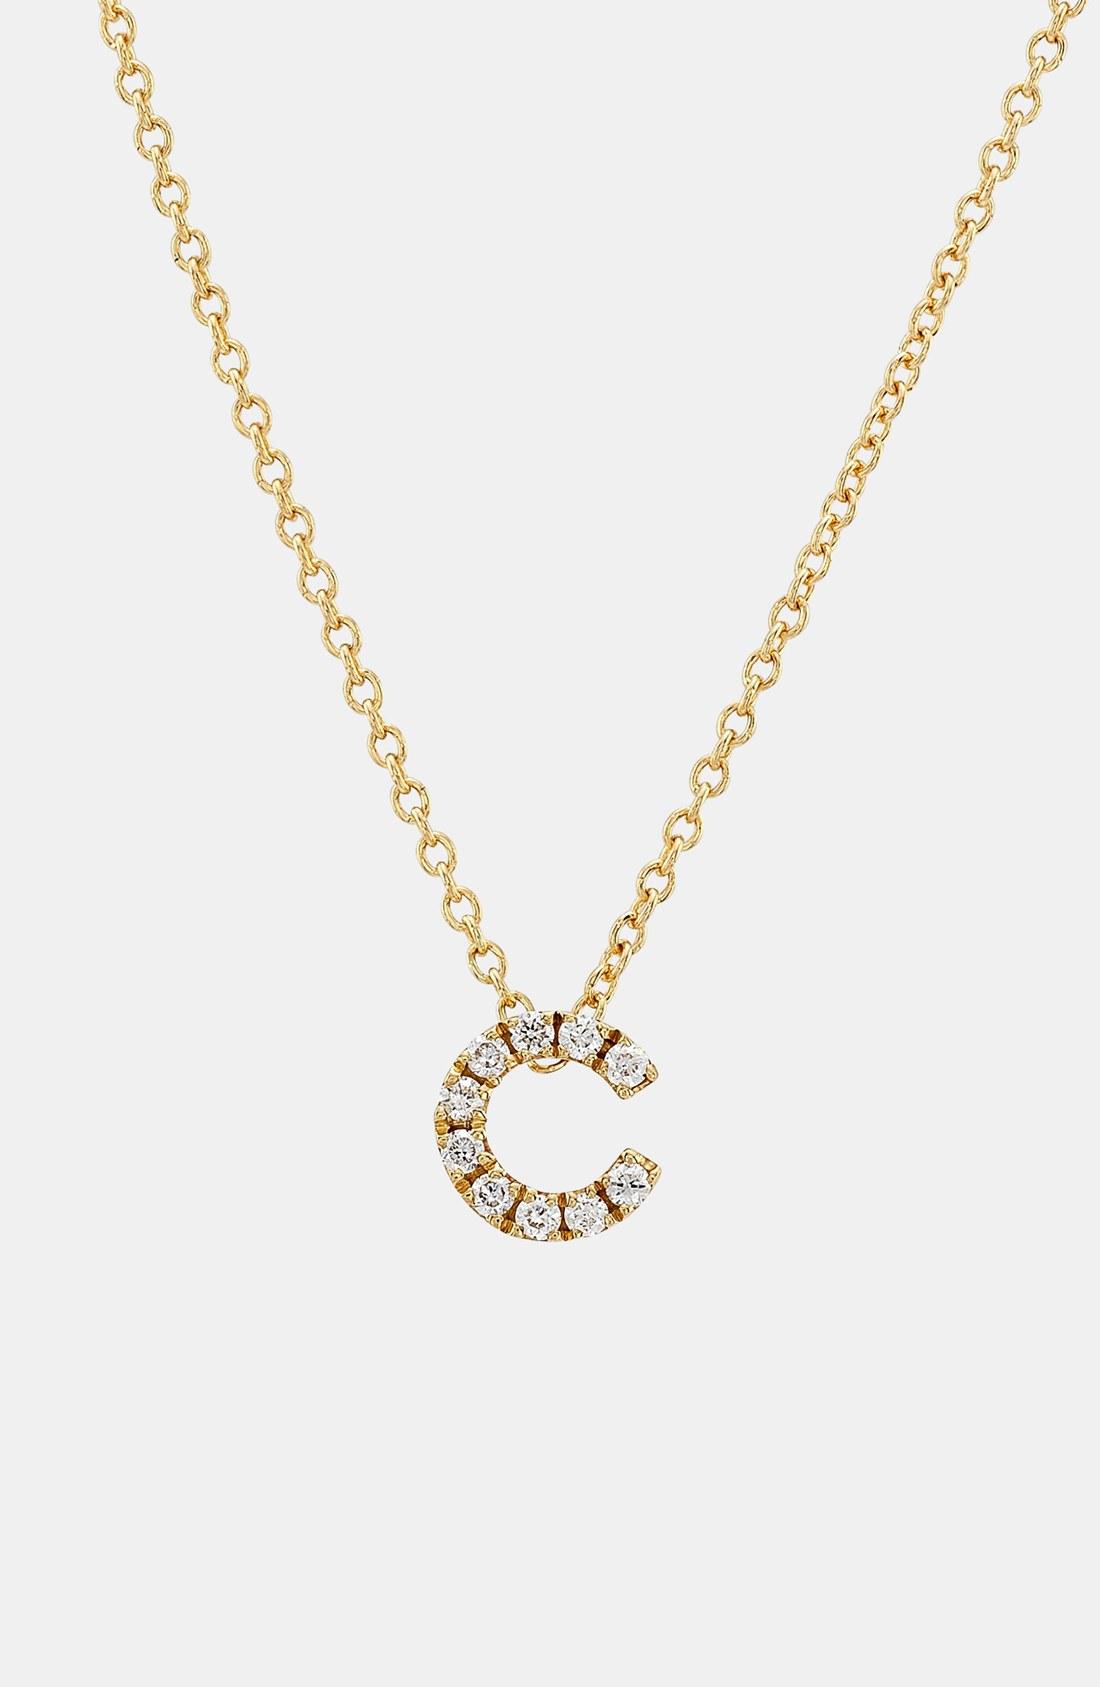 Bony Levy Pav 233 Diamond Initial Pendant Necklace In Yellow